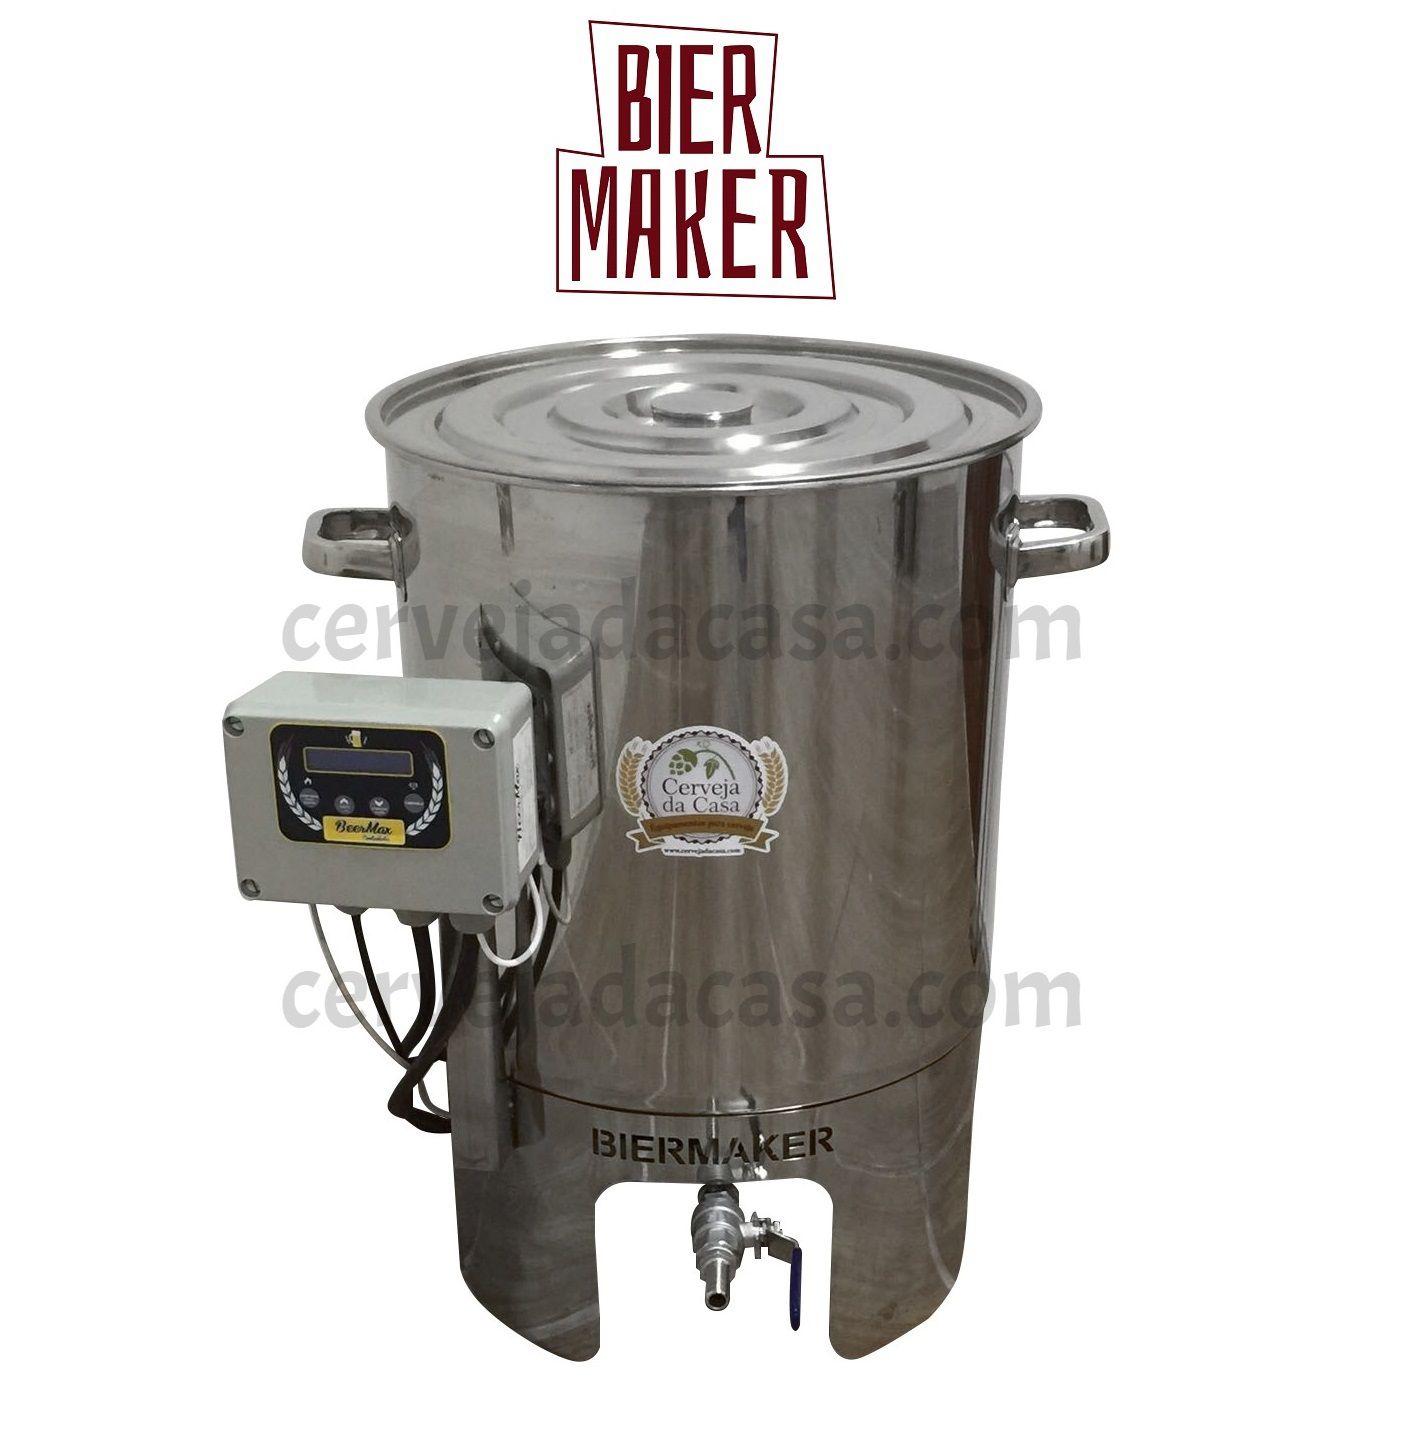 Kit Cervejeiro Completo com Panela Automática BierMaker 30 litros  - Cerveja da Casa